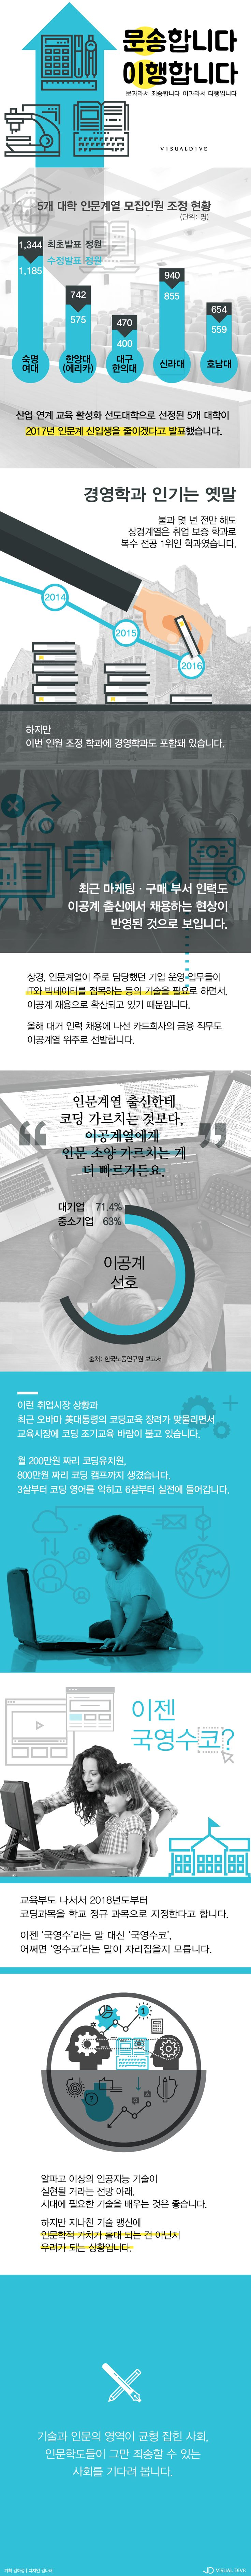 이젠 수포자는 취포자? (취업 포기) [인포그래픽] #job / #Infographic ⓒ 비주얼다이브 무단 복사·전재·재배포 금지